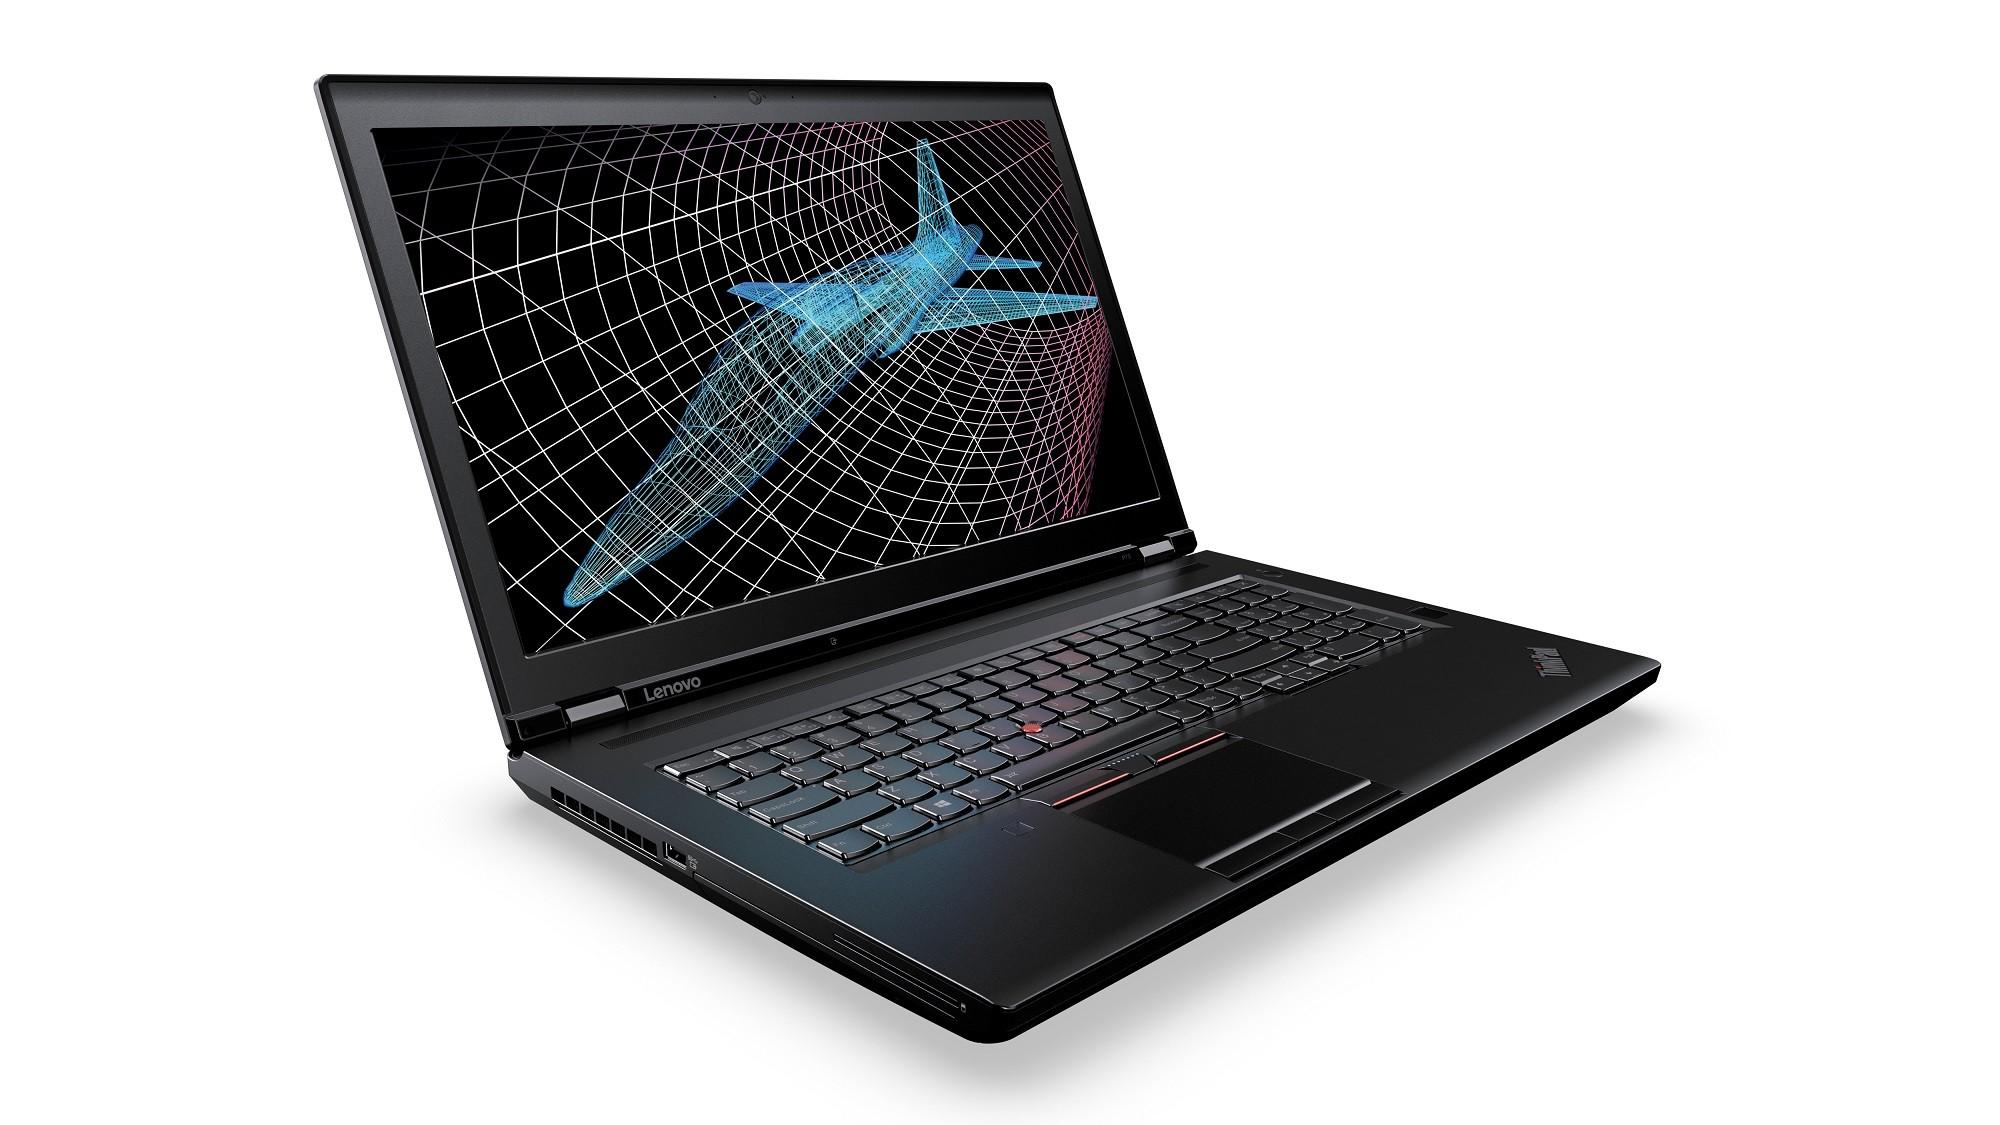 Thinkpad P70 Hero Shot Manufacturing 0005 sss - Lenovo giới thiệu 2 dòng máy trạm ThinkPad P50 và P70